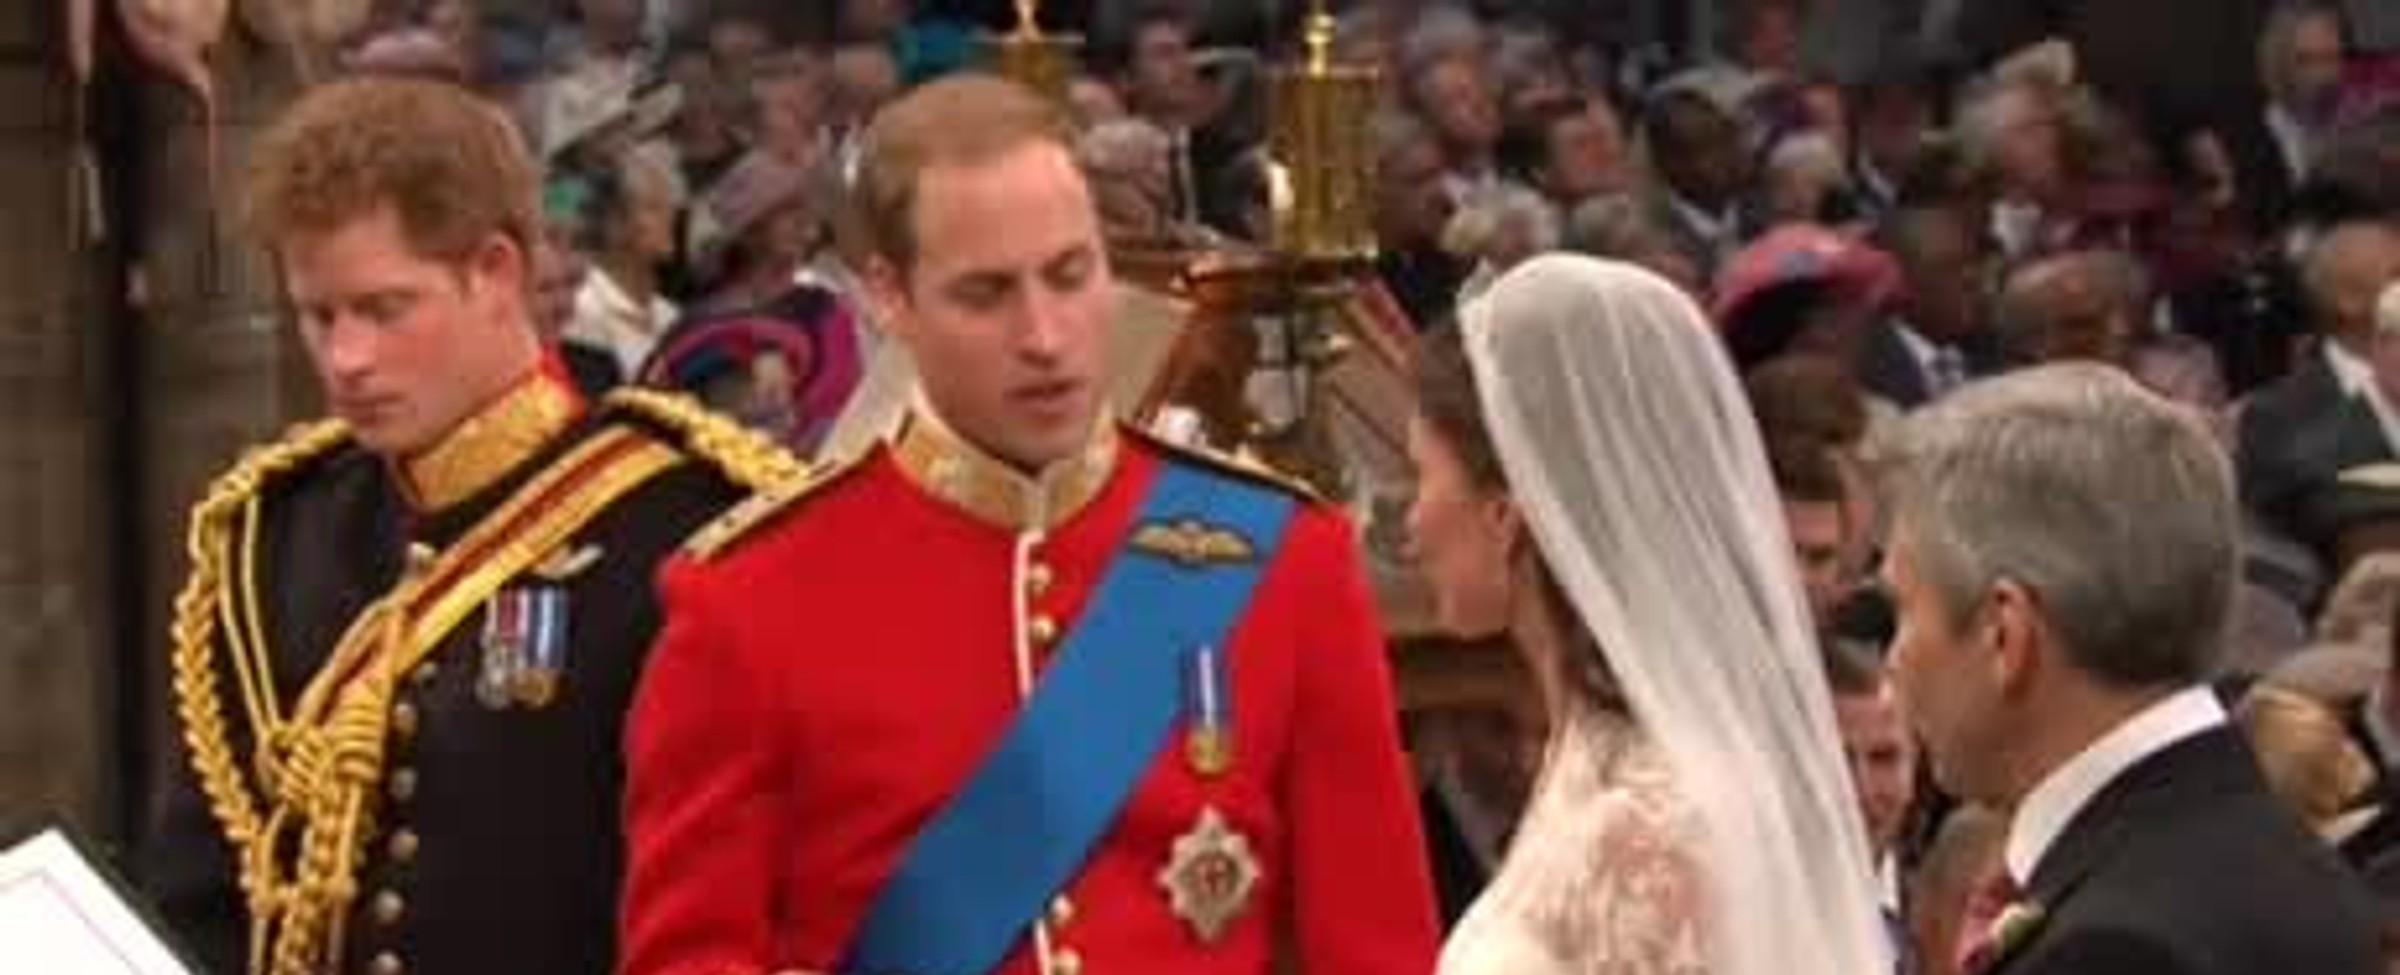 Královské rody